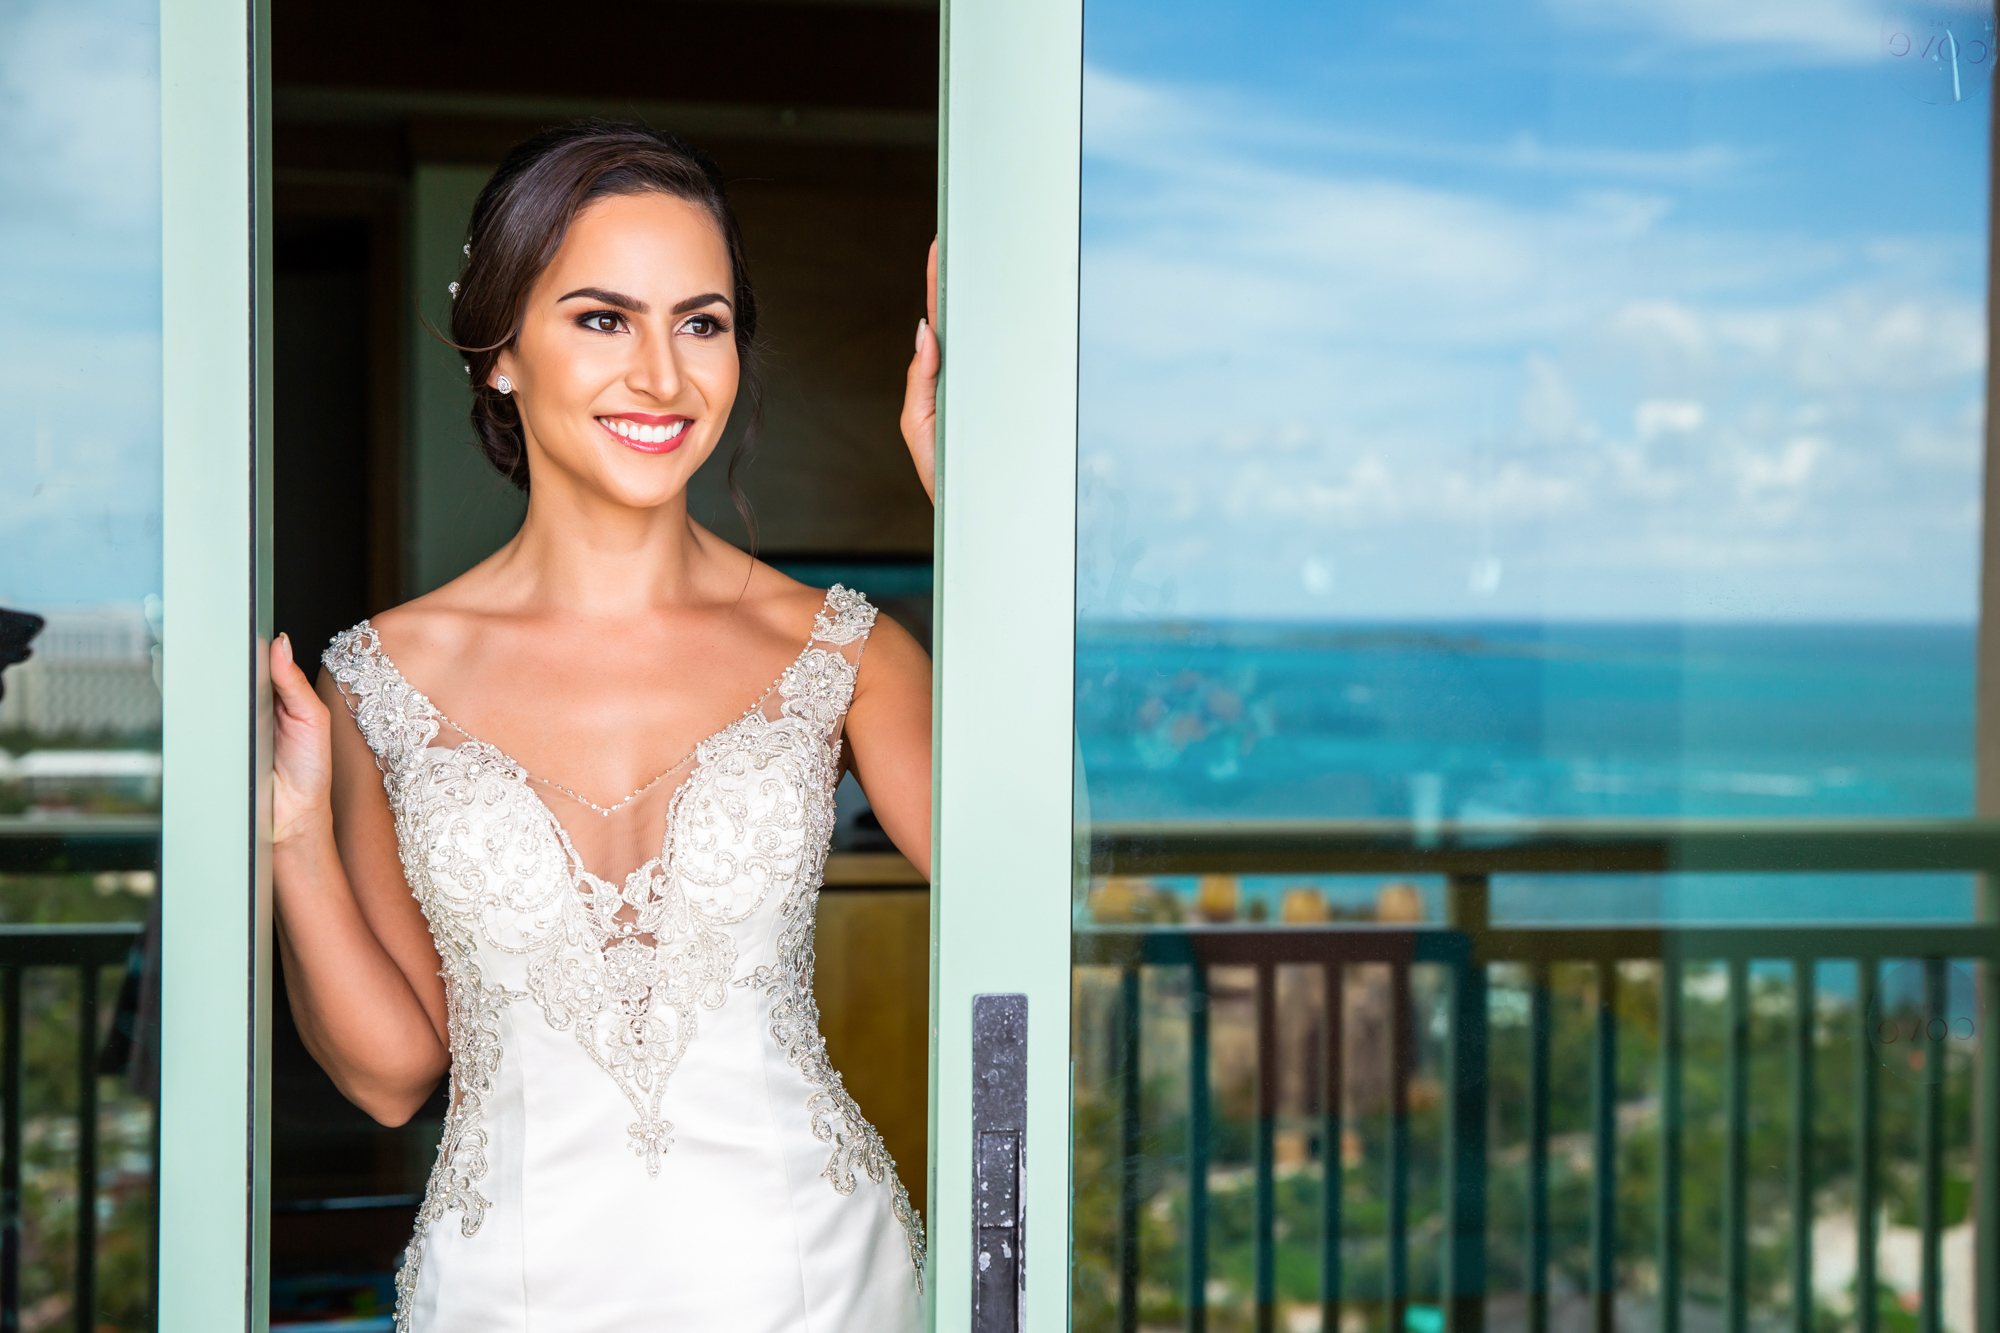 Atlantis_Bahamas_Wedding_004.jpg